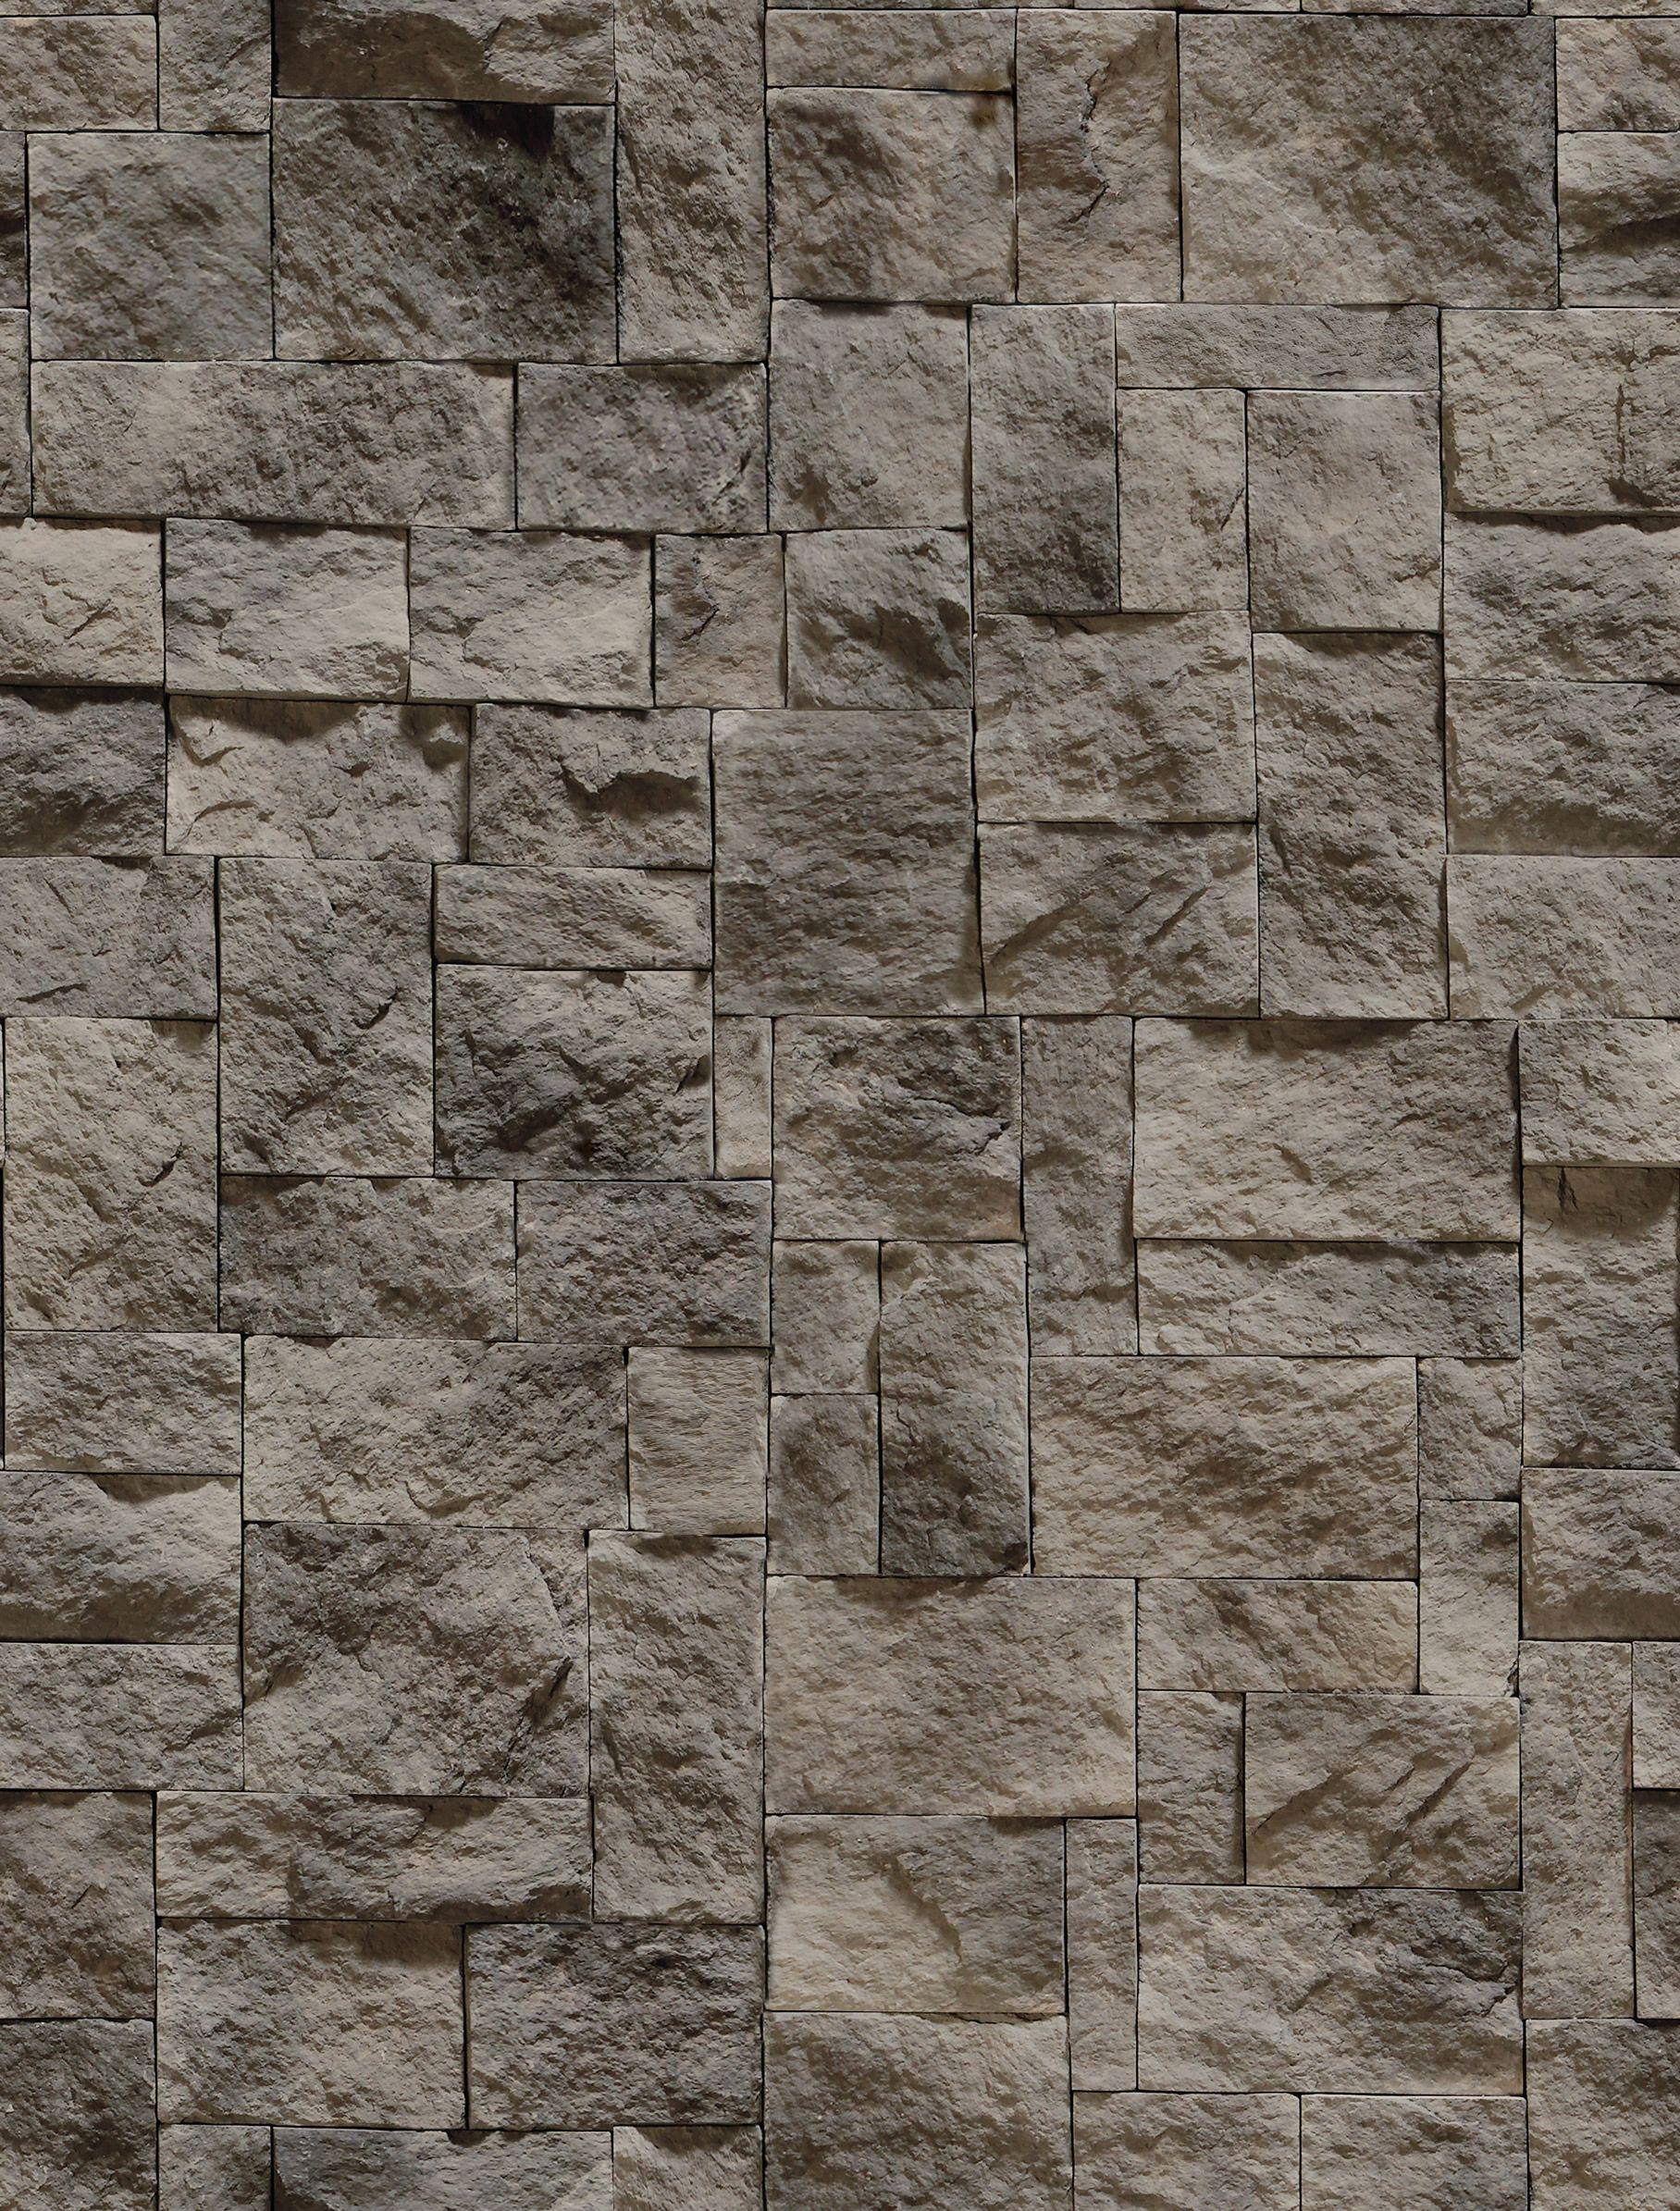 Stone, Photo, Texture, Wall